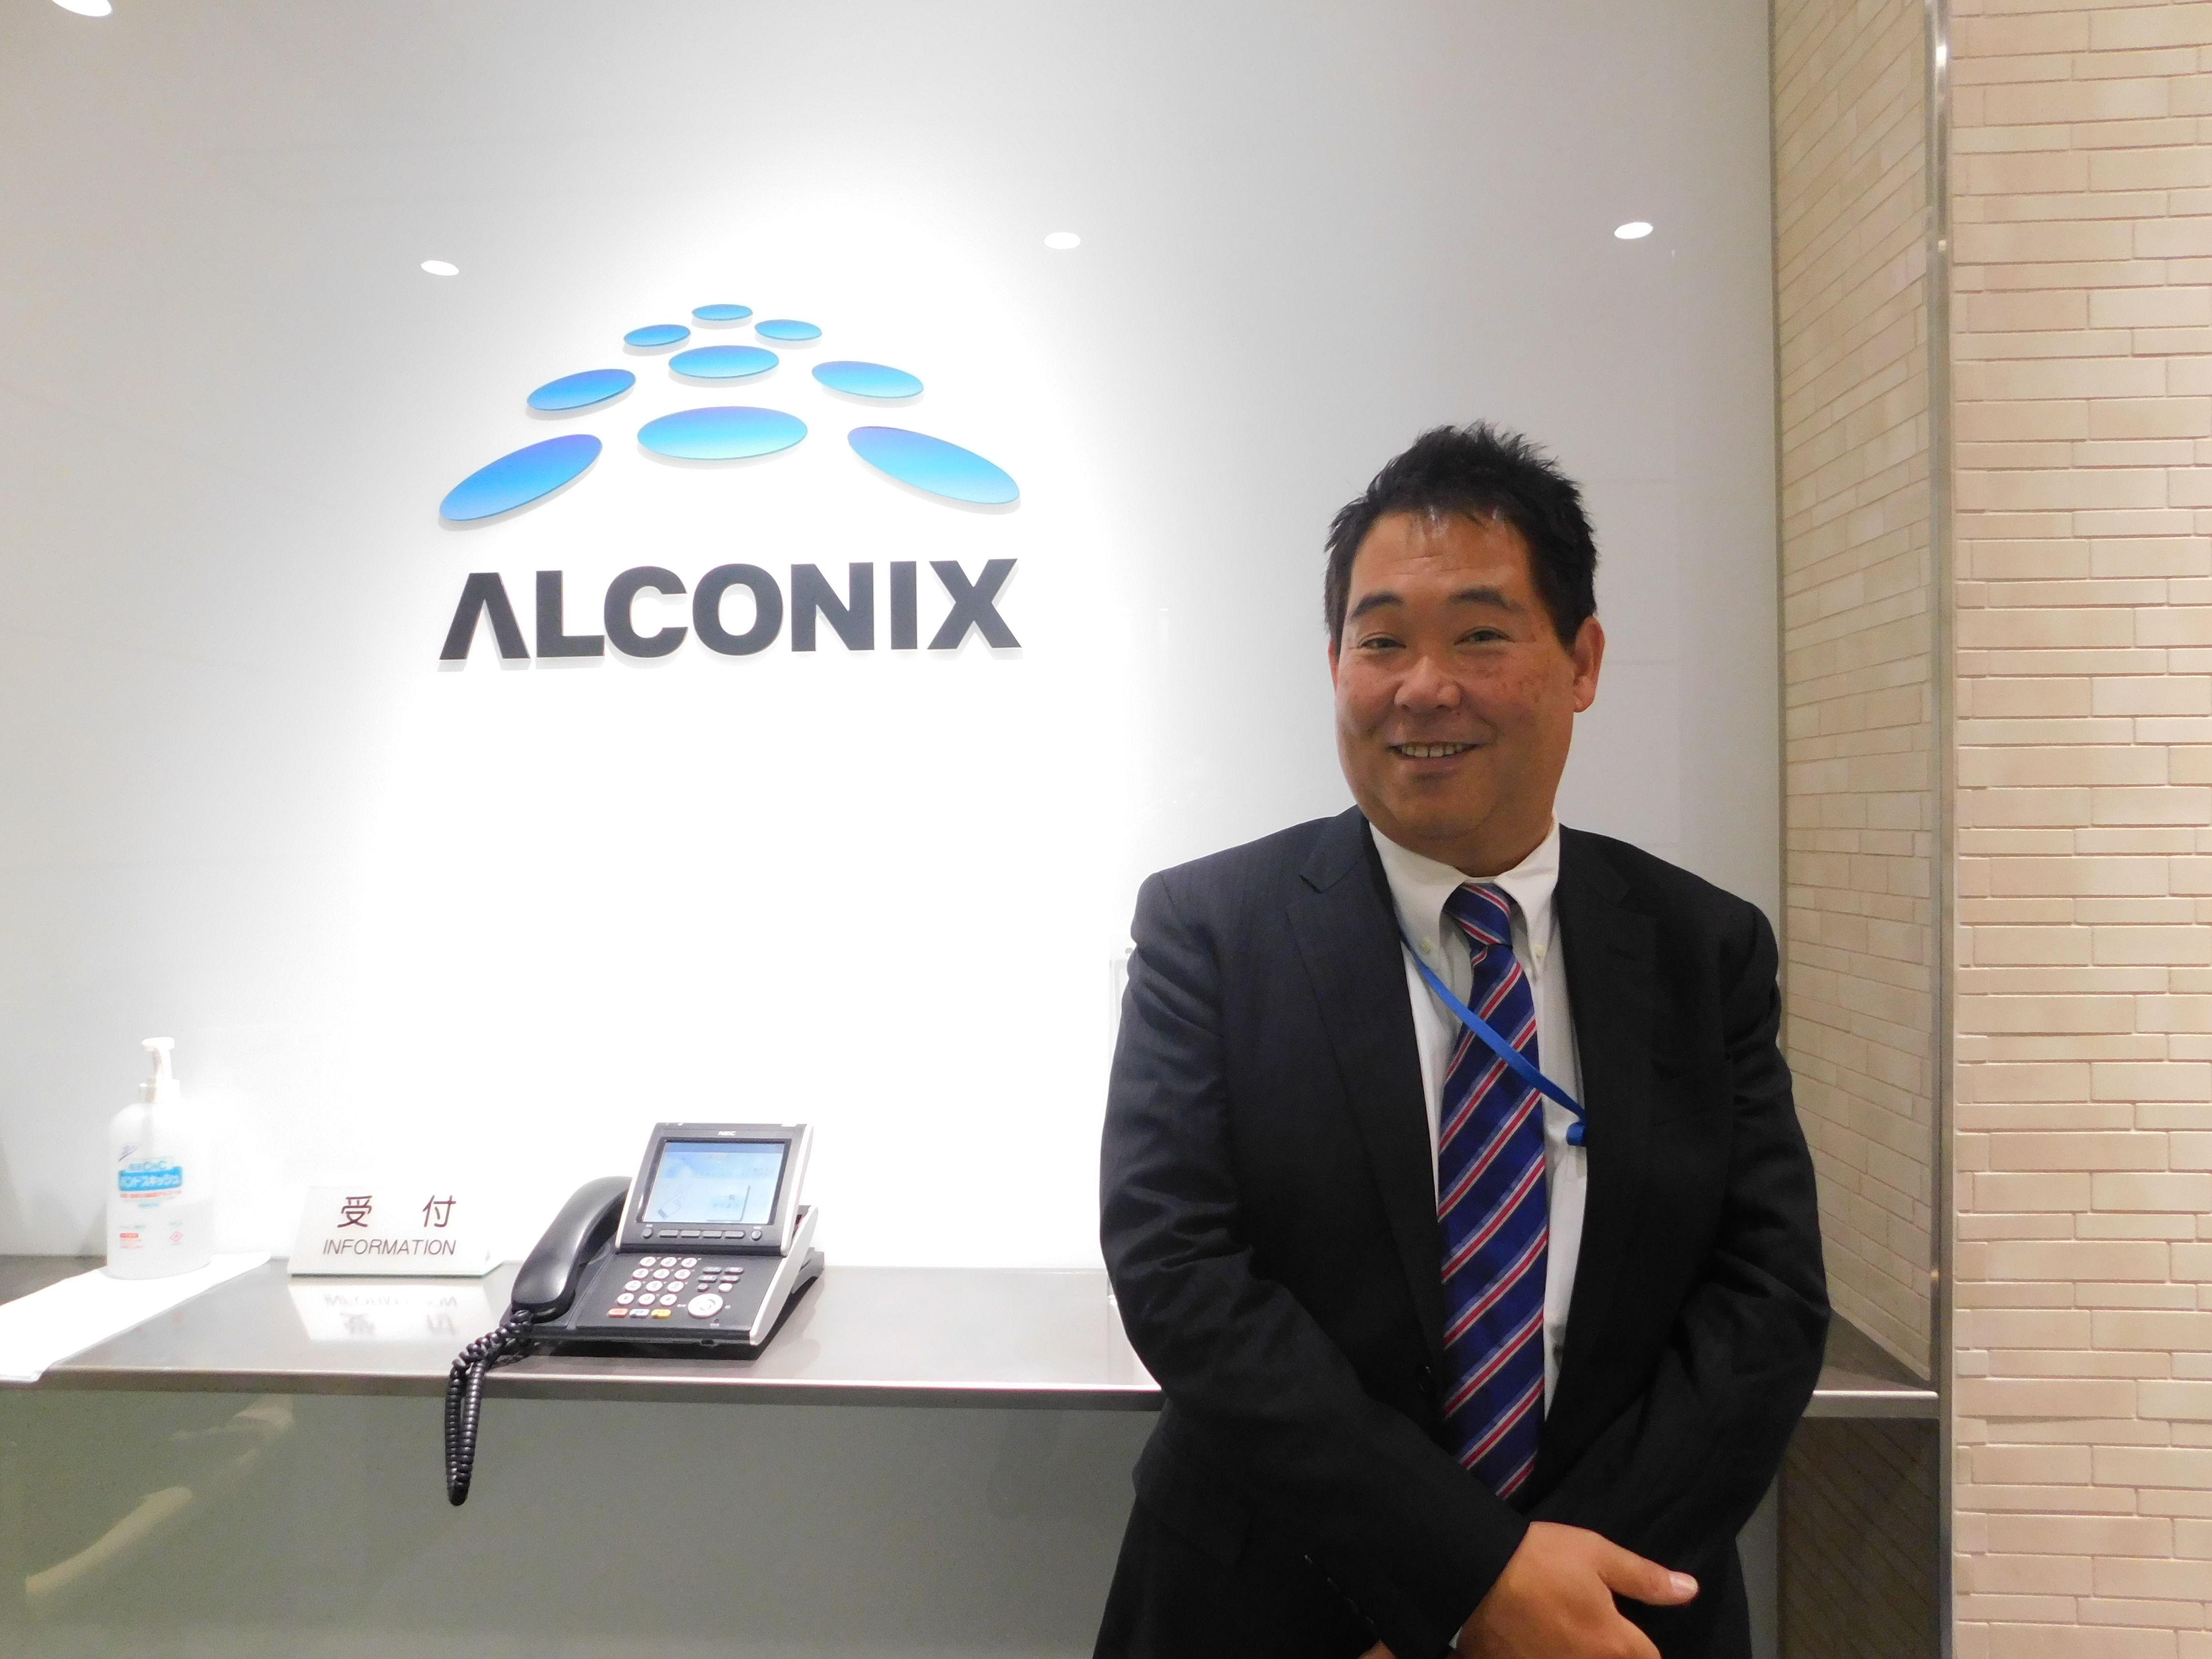 「遠心力と求心力」のM&Aでグループの発展をーアルコニックス小井川明良経営企画部担当部長に聞く